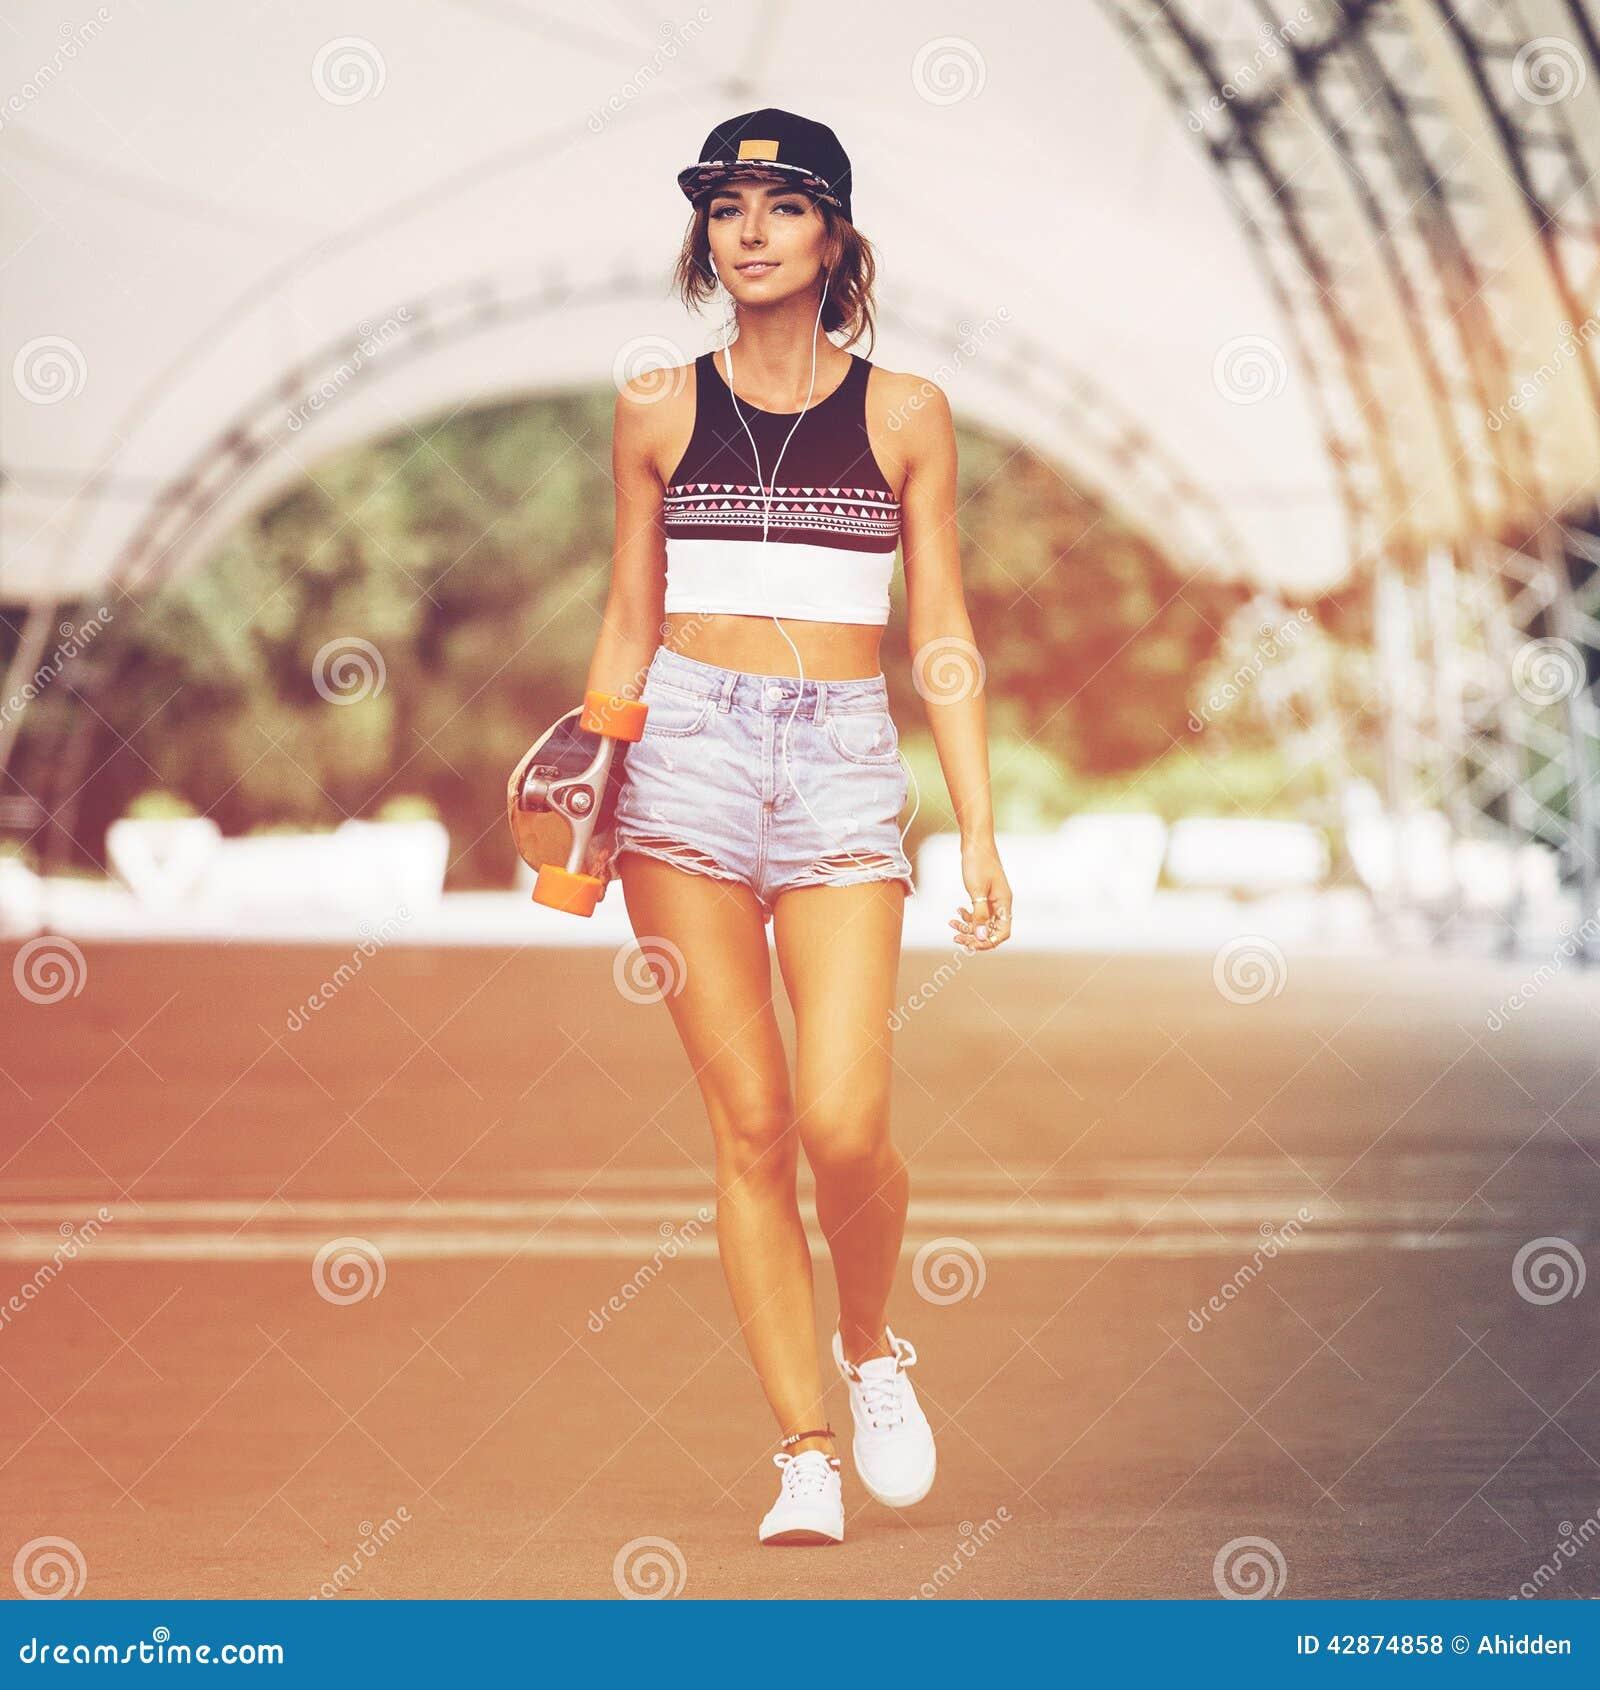 Fashion lifestyle images